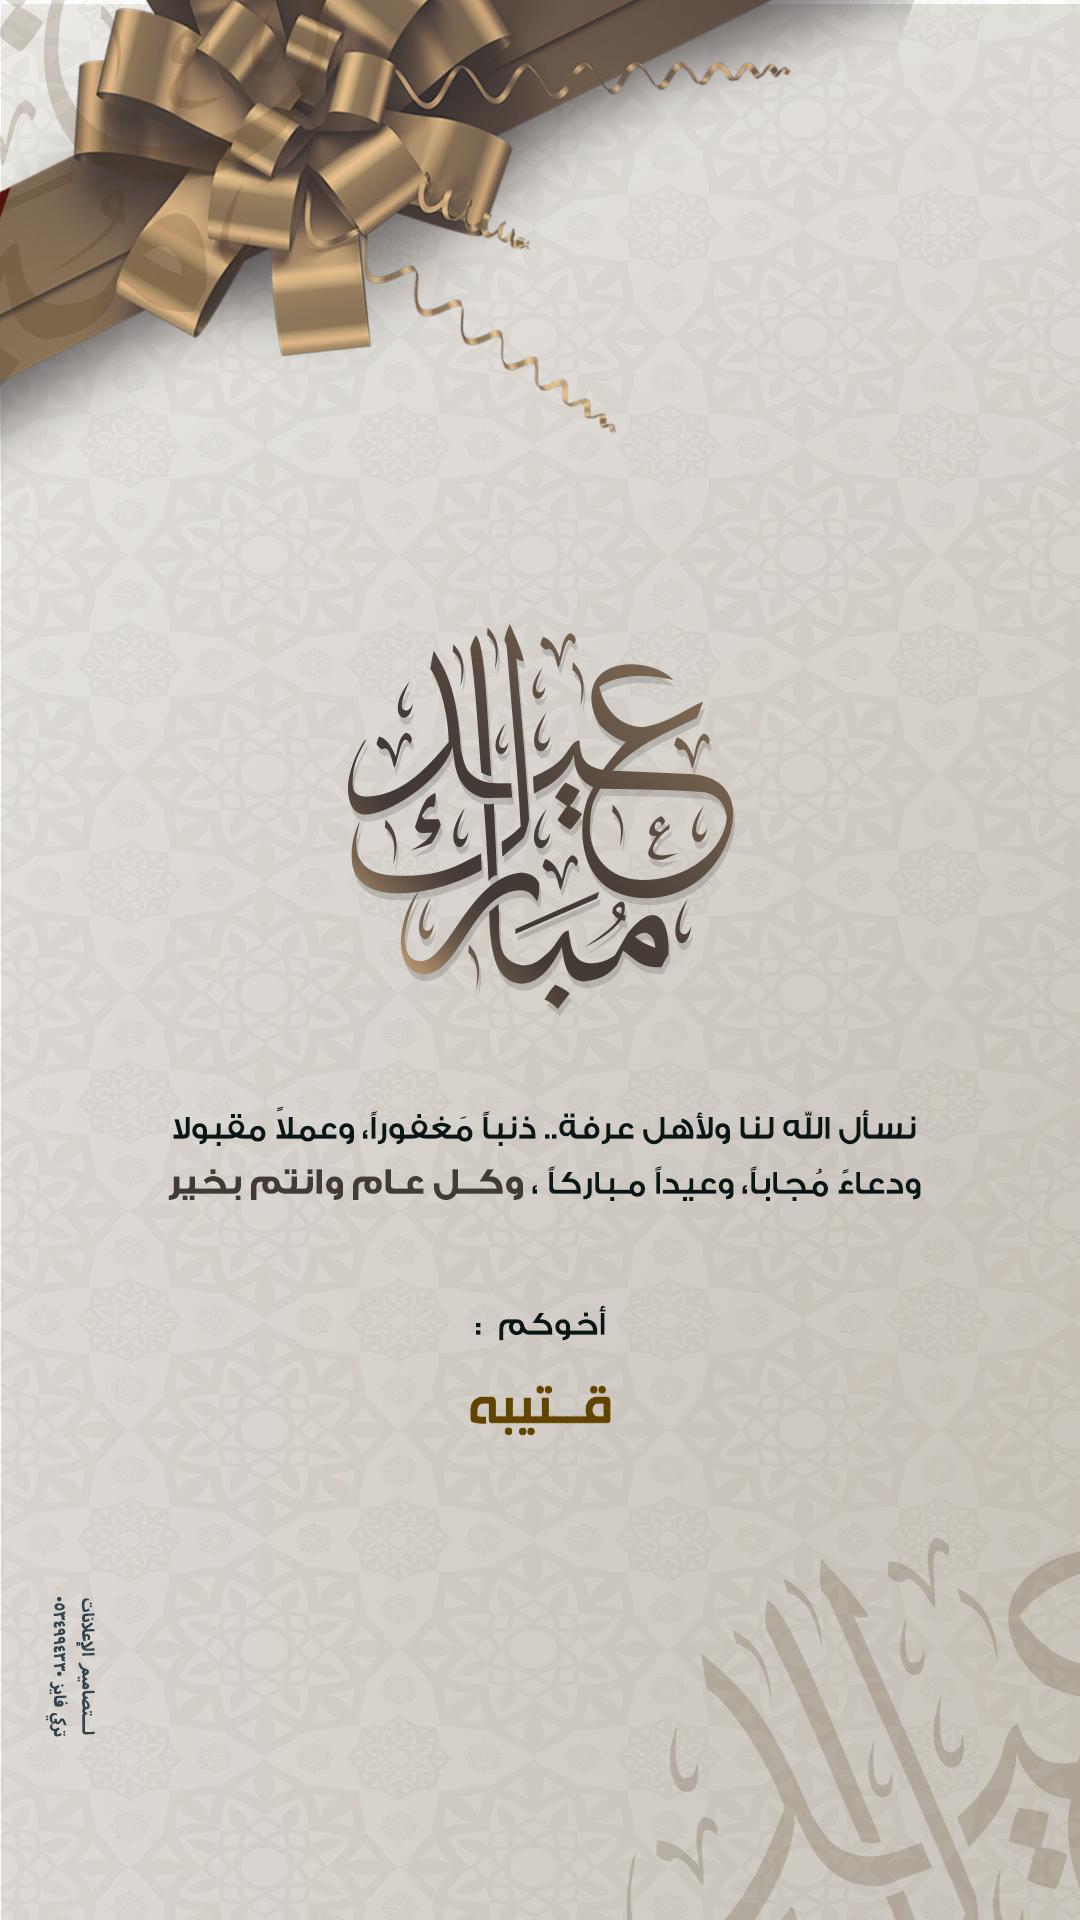 بطاقة تهنئة عيد الاضحى Eid Stickers Eid Greetings Happy Eid